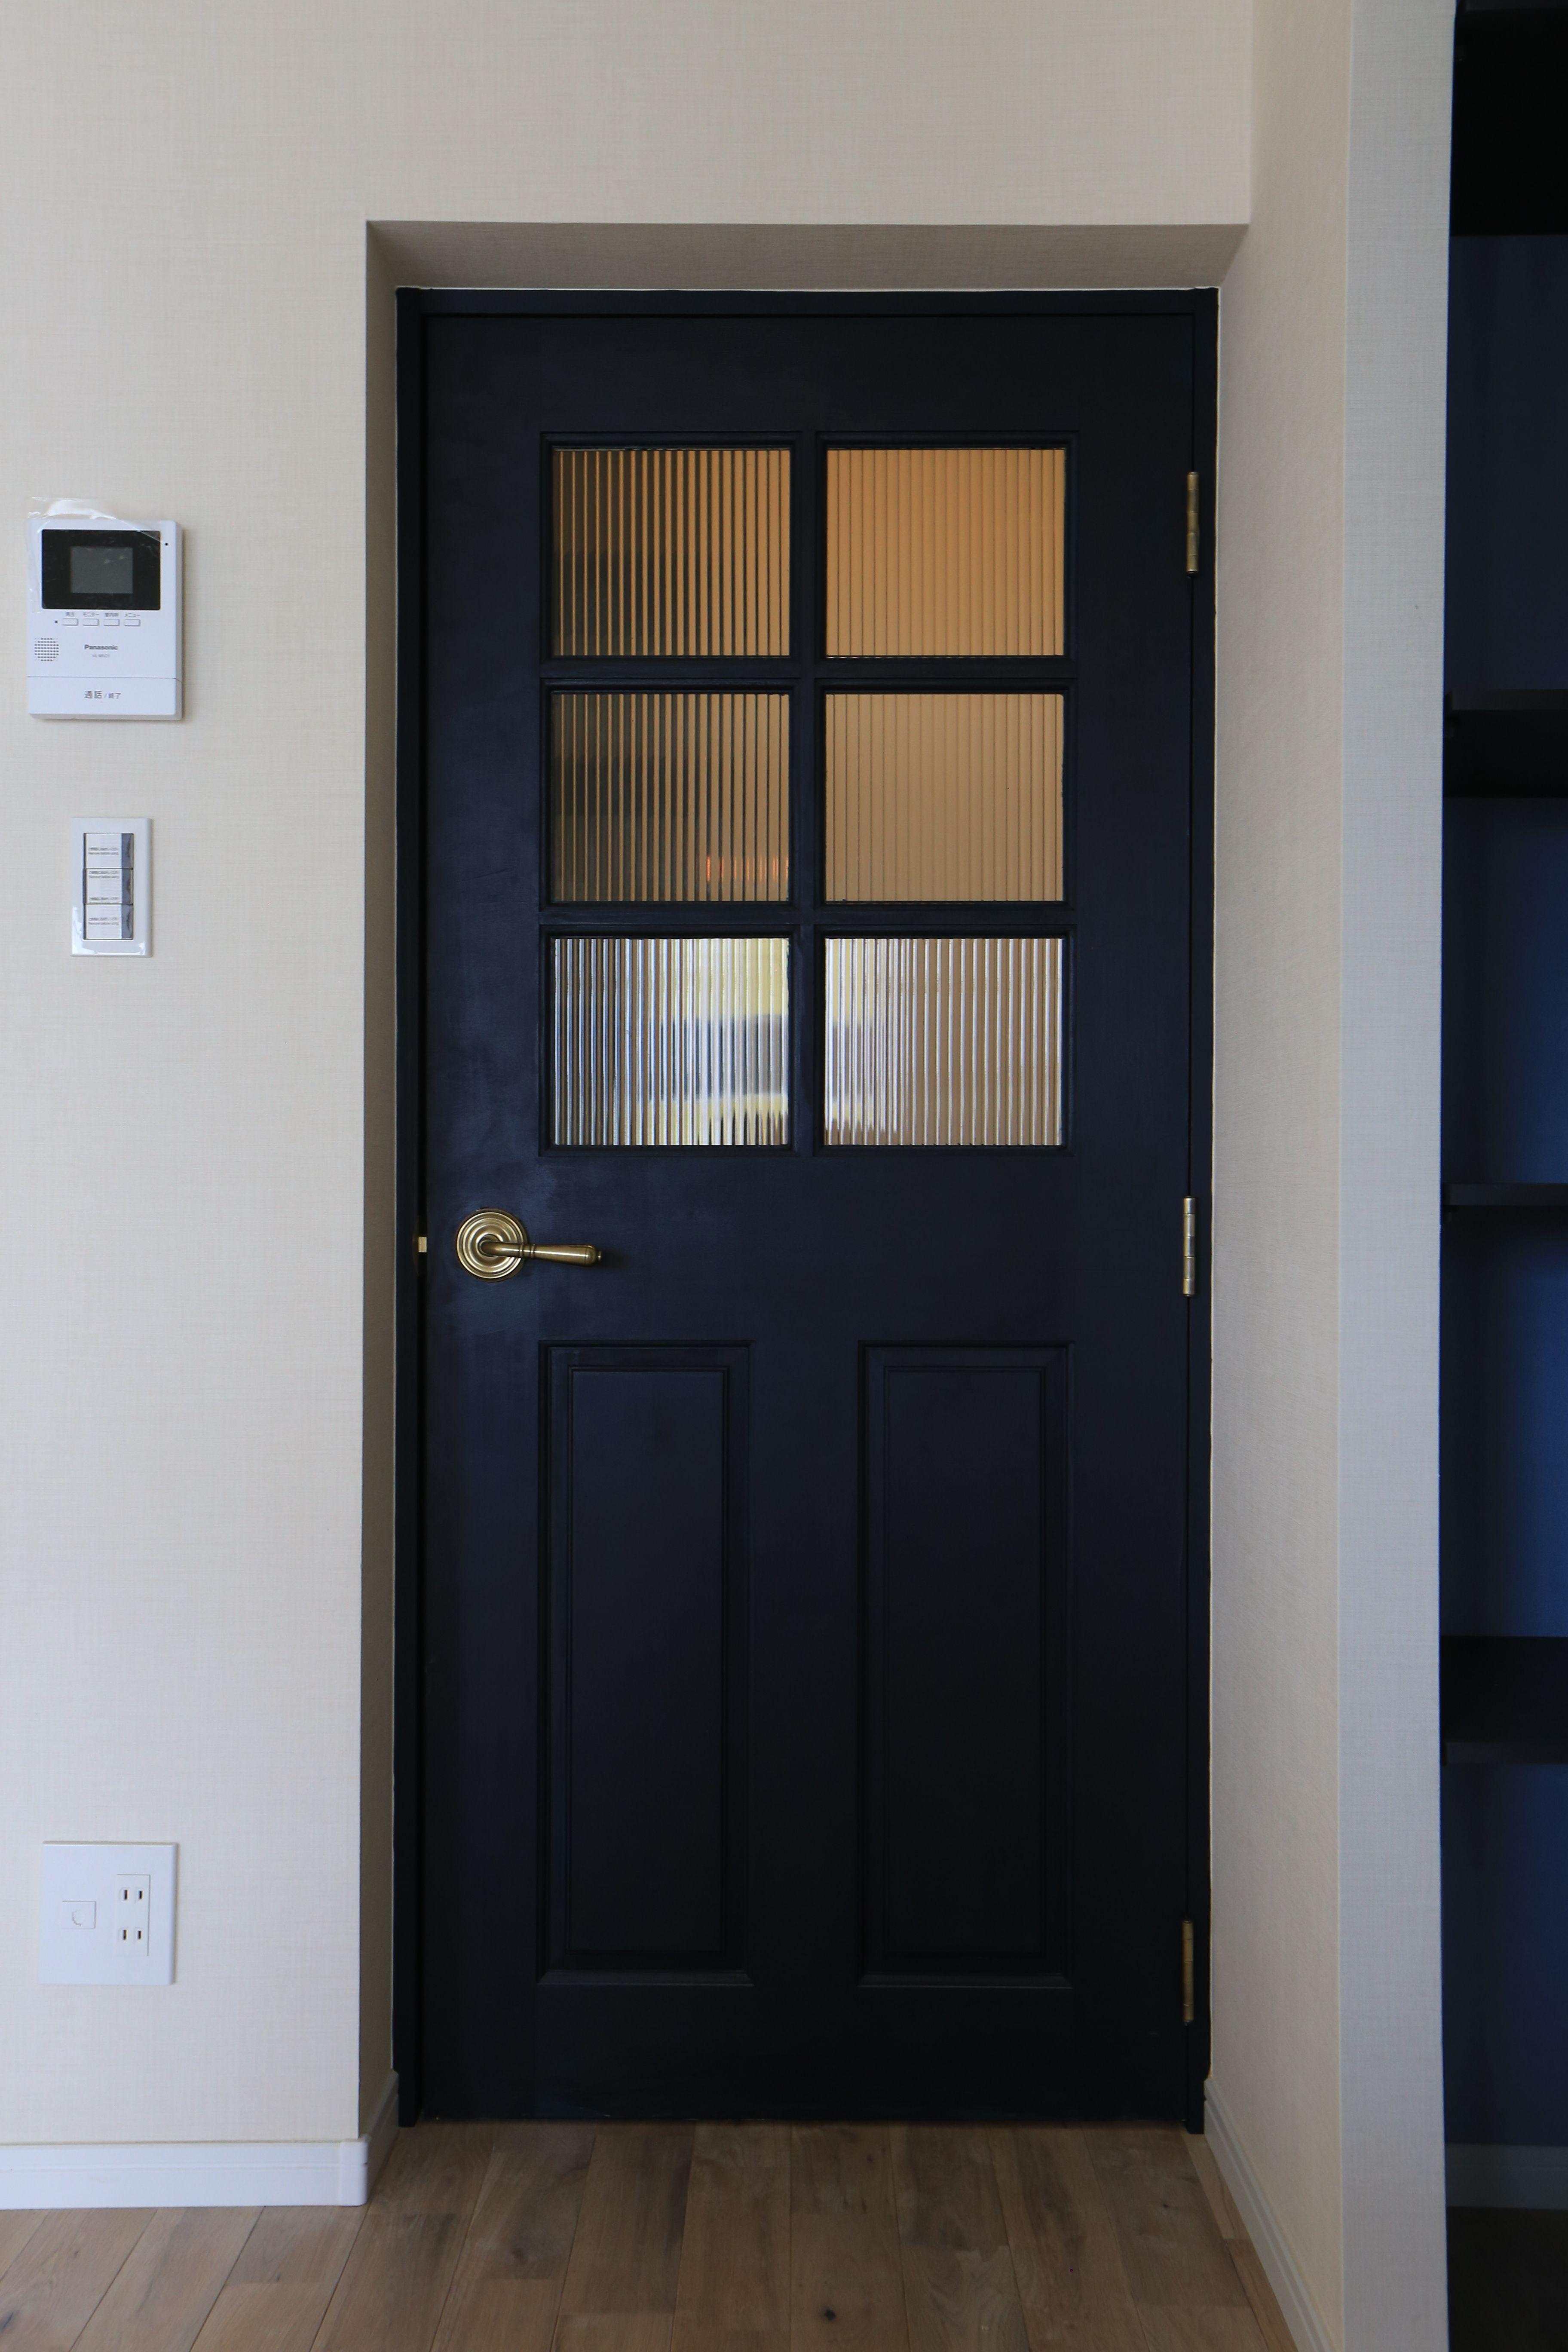 黒い扉でアメリカンチックに 扉 アンティーク インテリア オシャレ